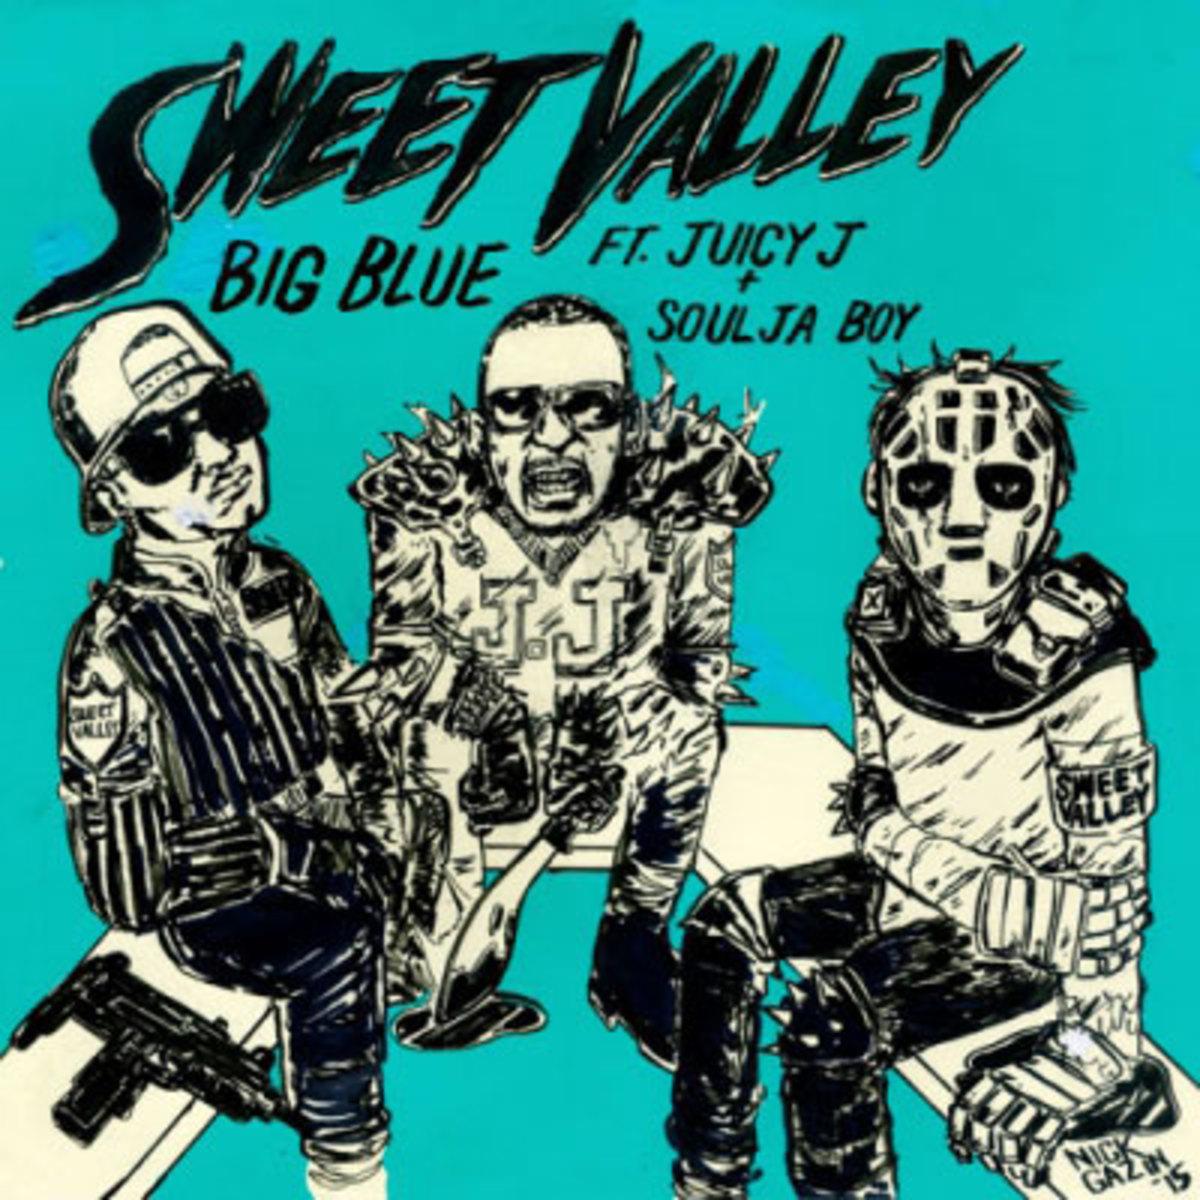 sweet-valley-big-blue.jpg